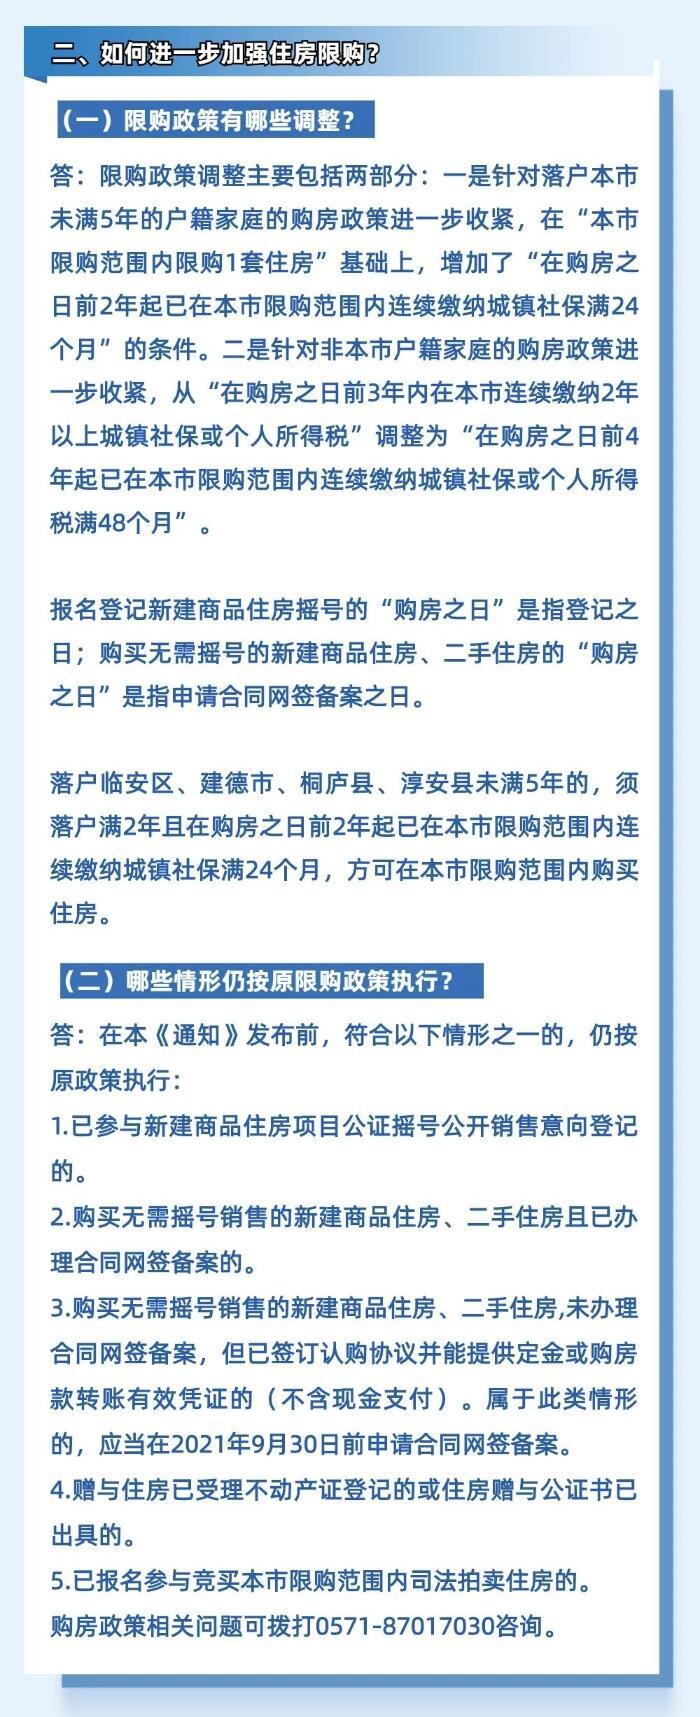 房住不炒,杭州进一步加强房地产市场调控